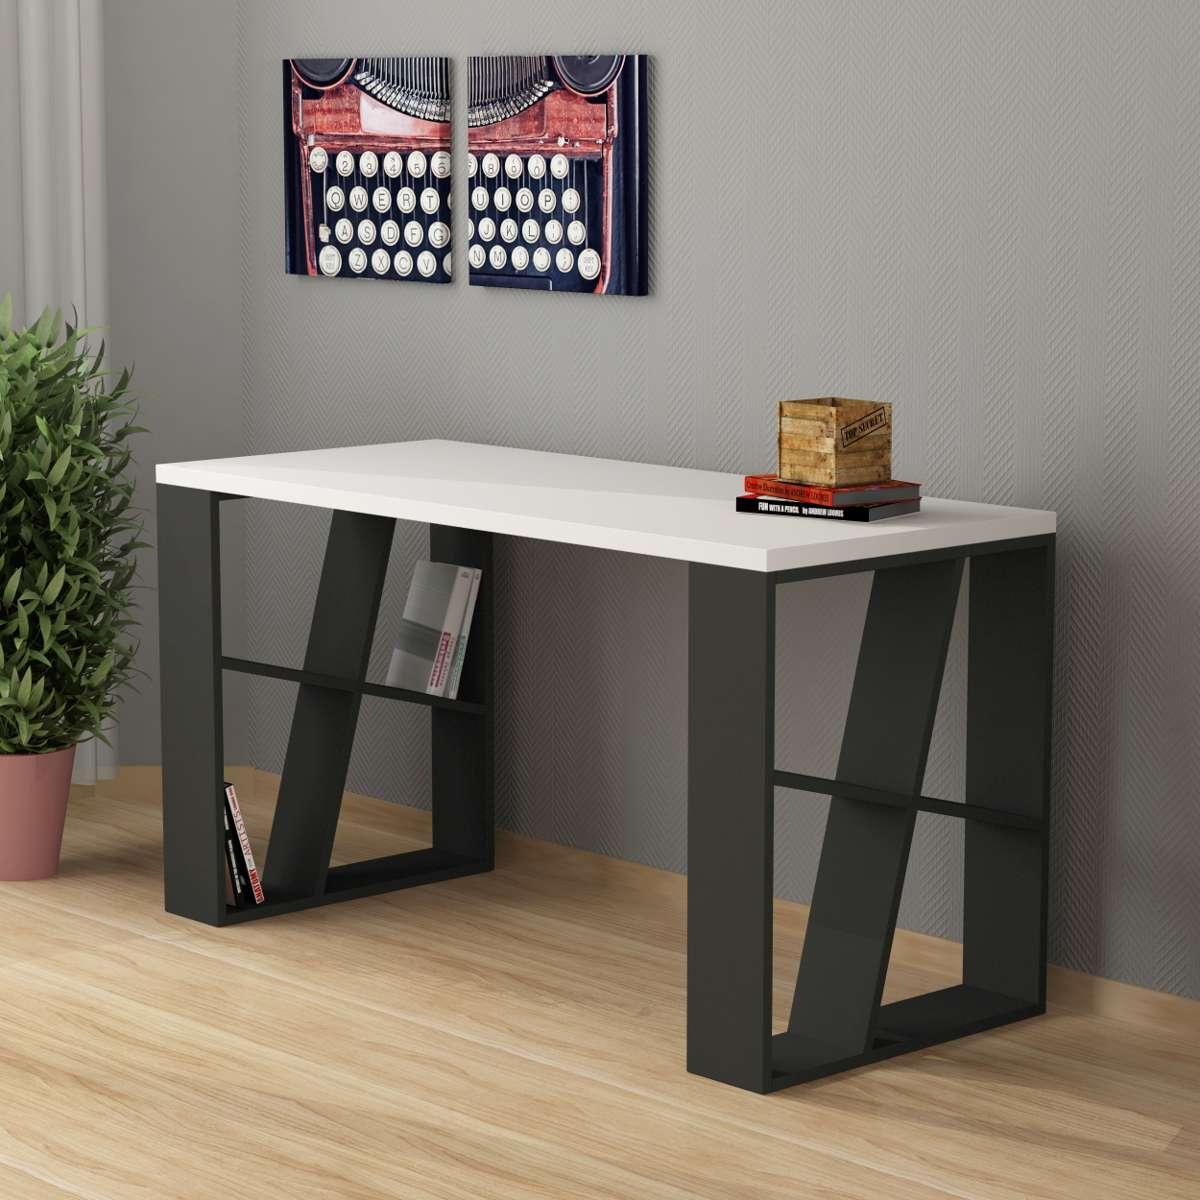 שולחן כתיבה Honey Working table אפור/לבן מסדרת Decoline